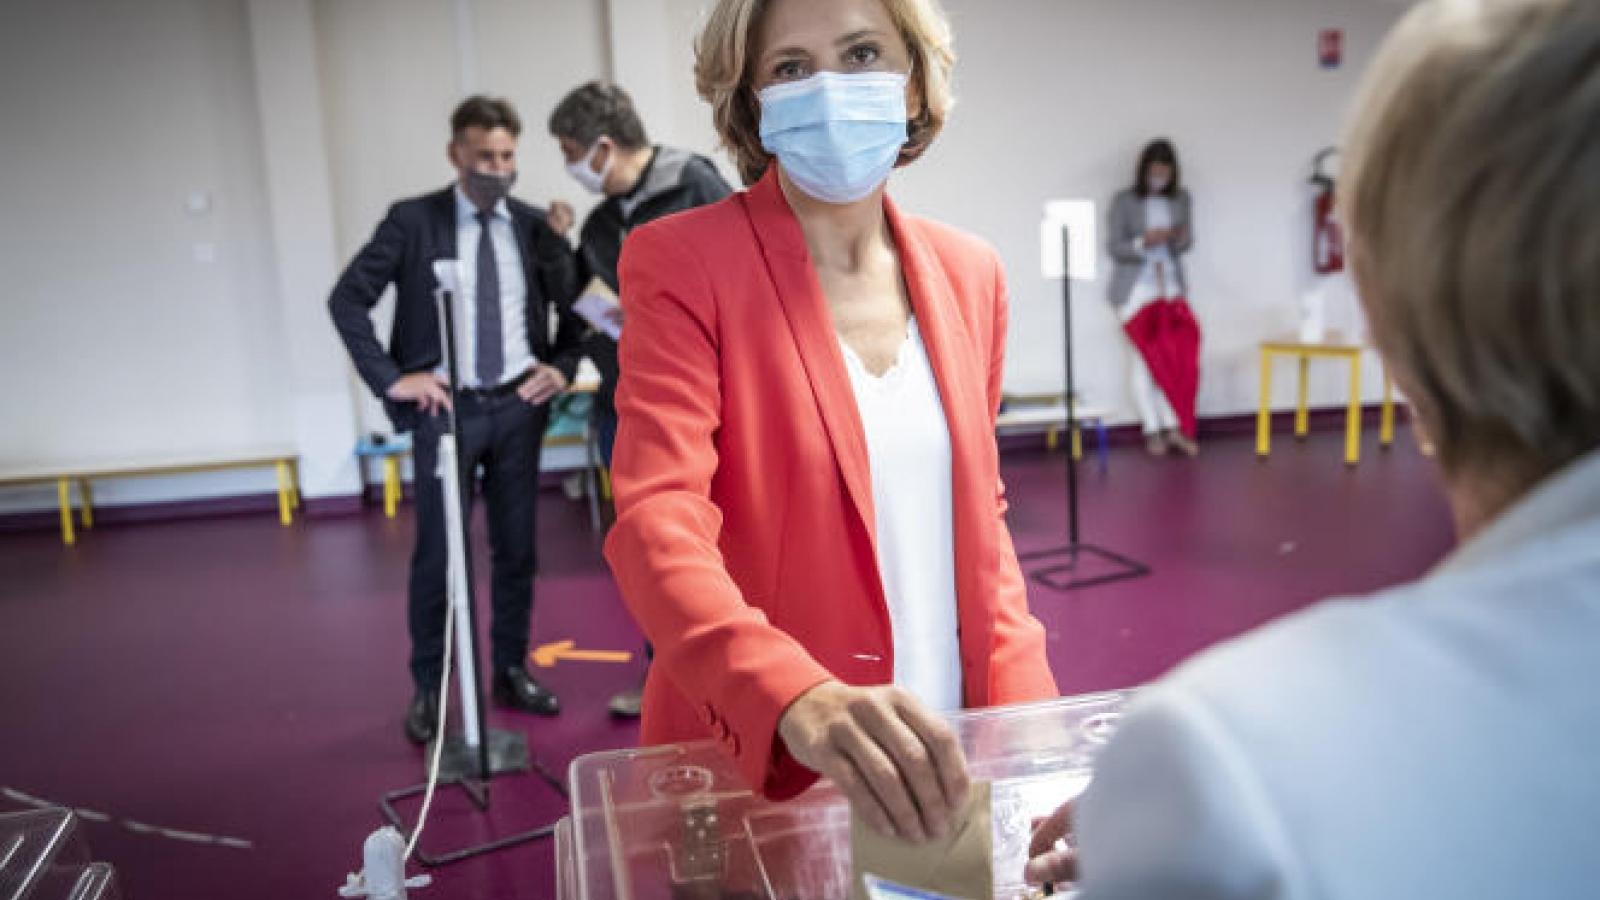 65% cử tri vắng mặt, đảng cực hữu và đảng của ông Macron thất bại bầu cử địa phương